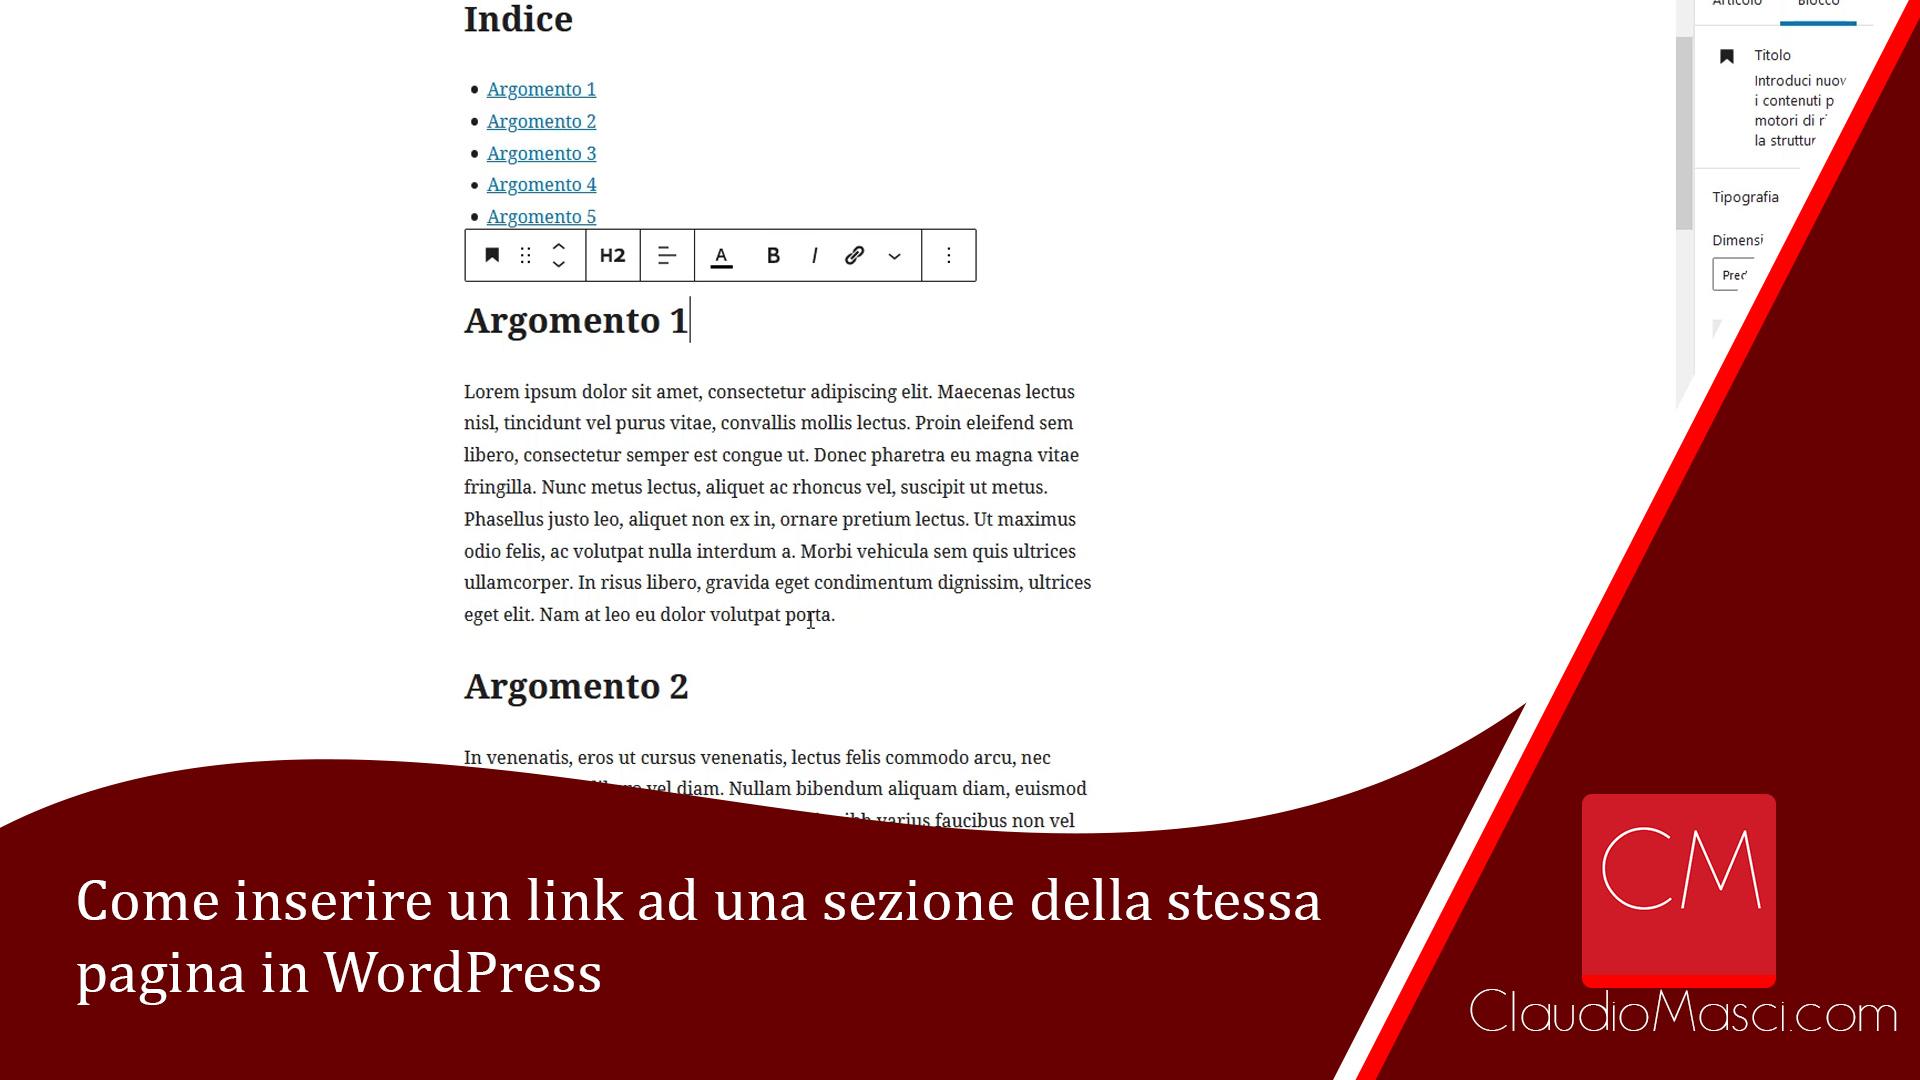 Come inserire un link ad una sezione della stessa pagina in WordPress